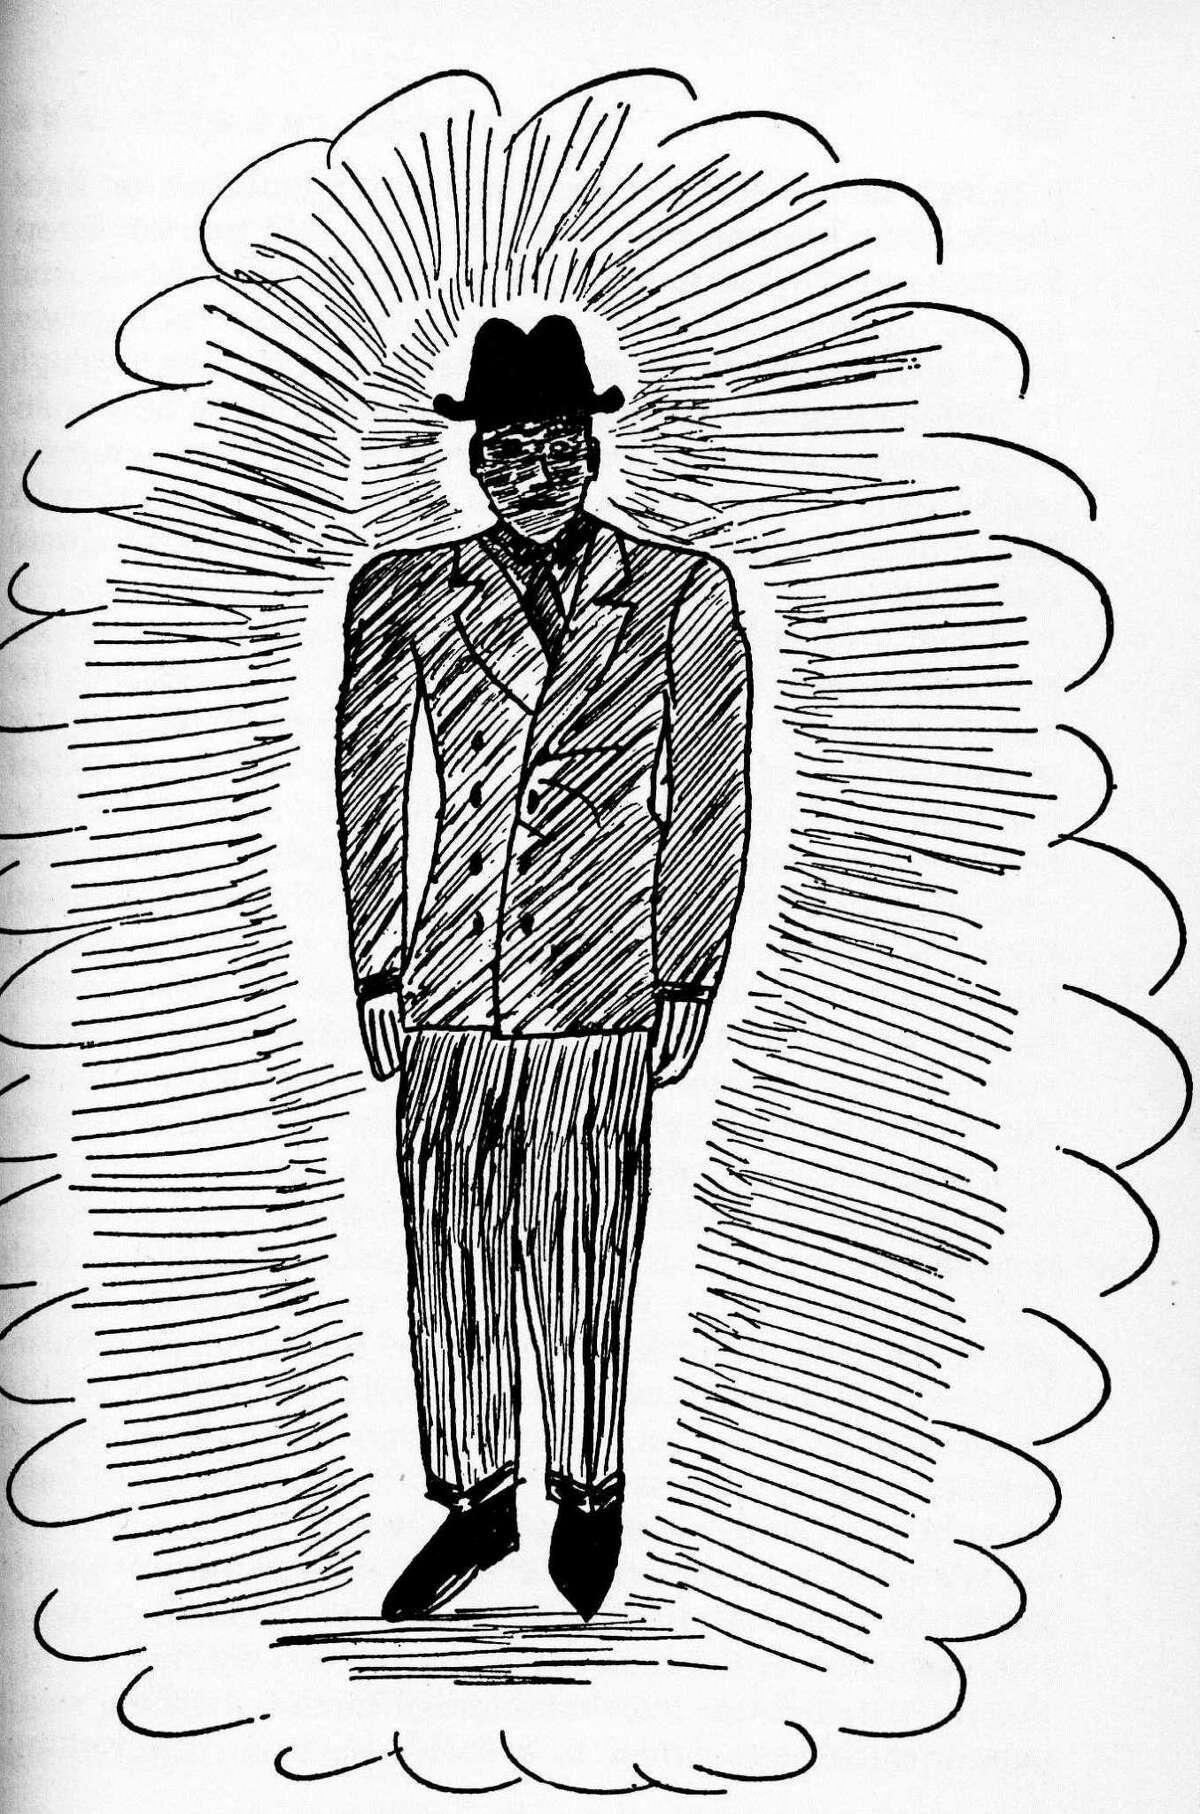 Bender's sketch of a Man in Black